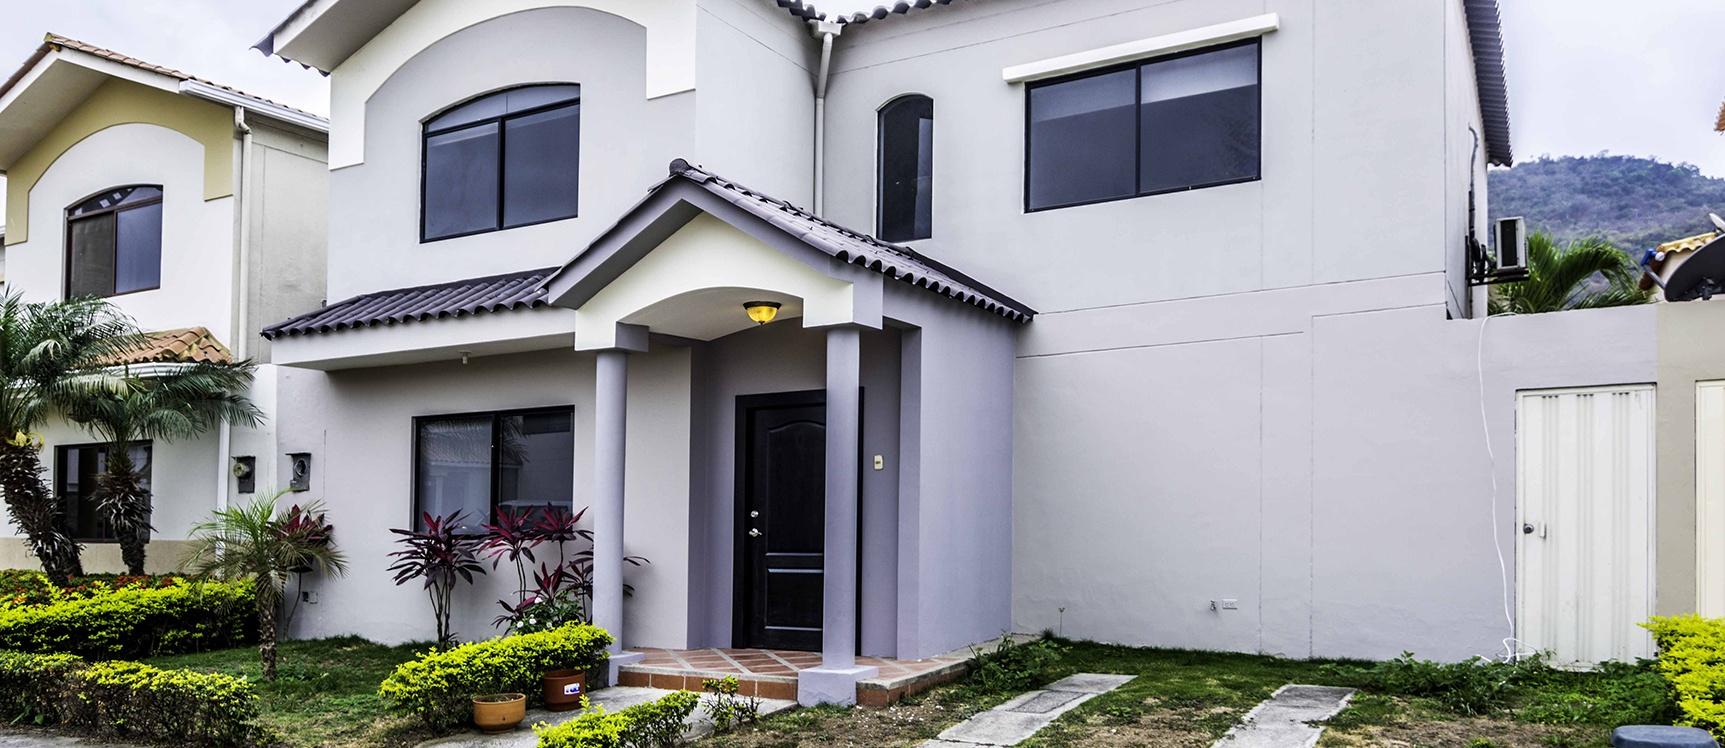 GeoBienes - Casa en alquiler en Urb. Puerto Seymour vía a la Costa - Guayaquil - Plusvalia Guayaquil Casas de venta y alquiler Inmobiliaria Ecuador